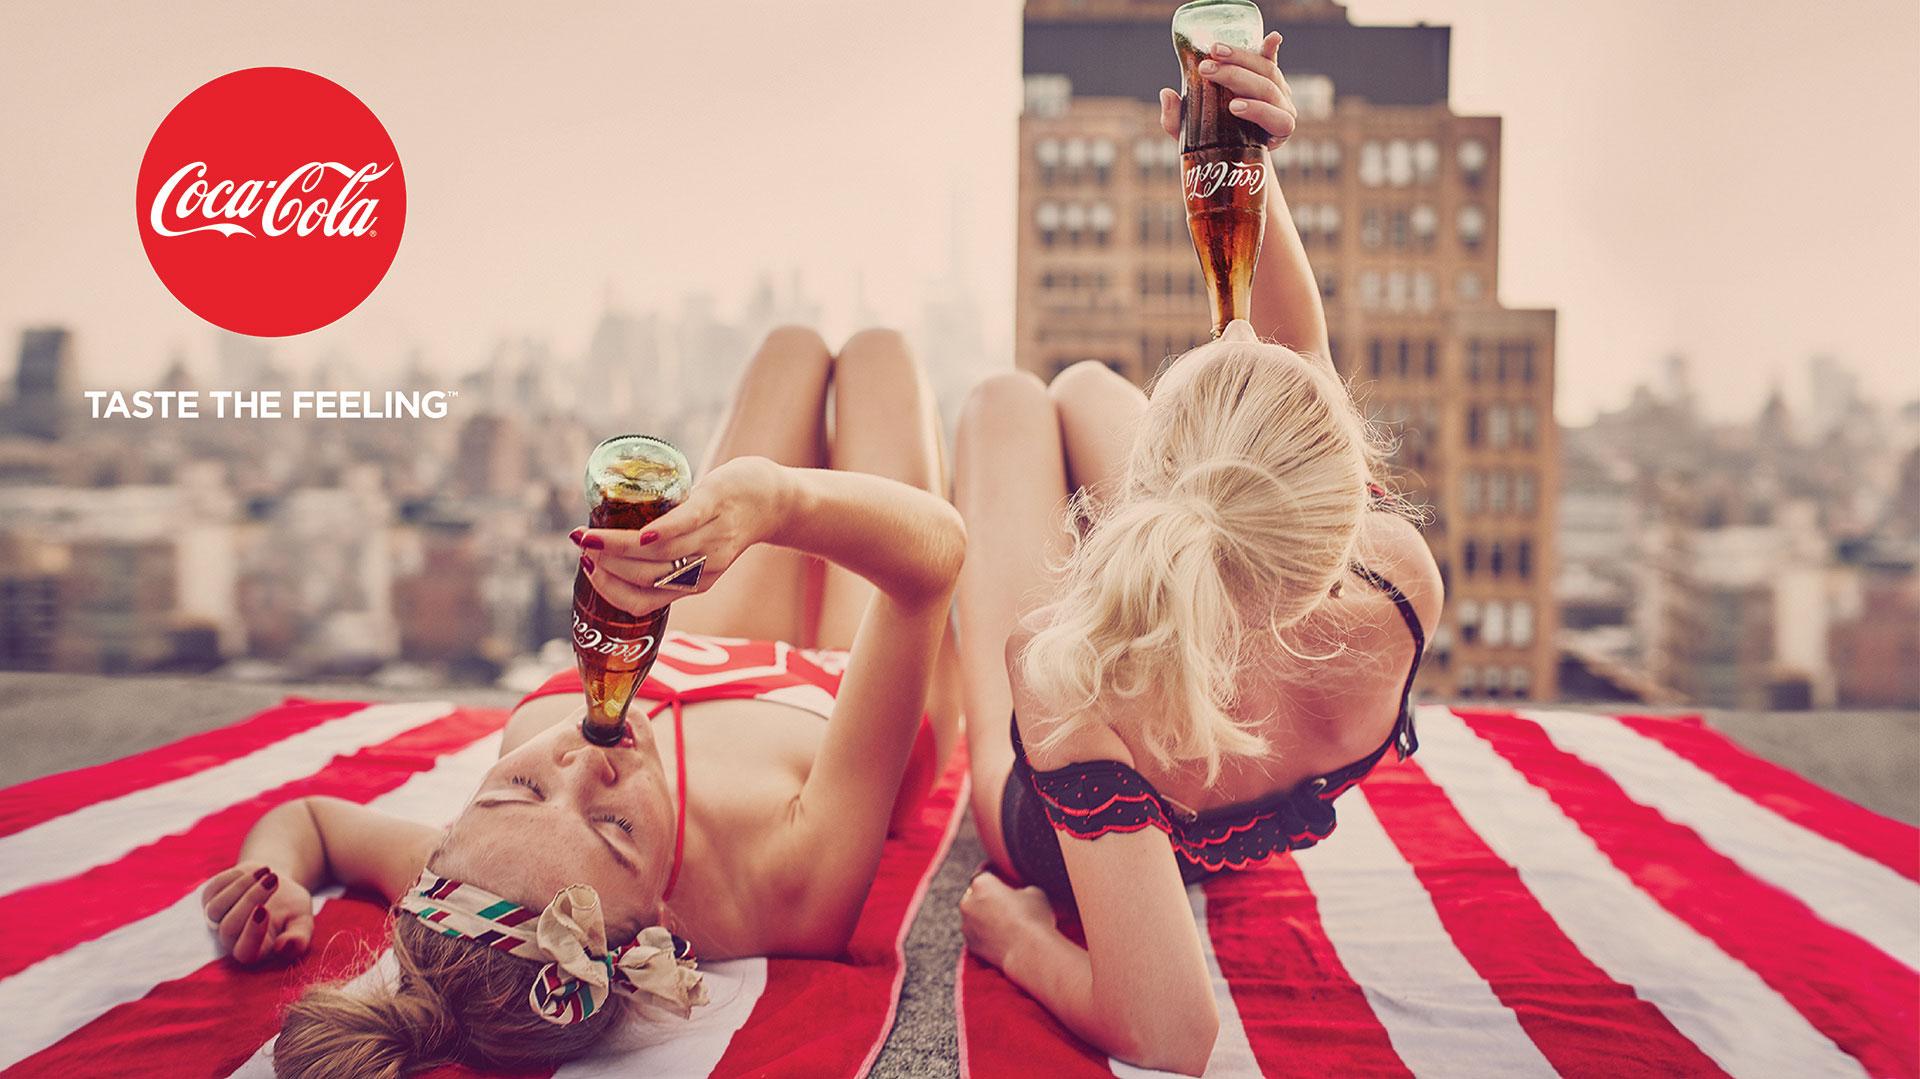 coke-taste-the-feeling-0.jpg